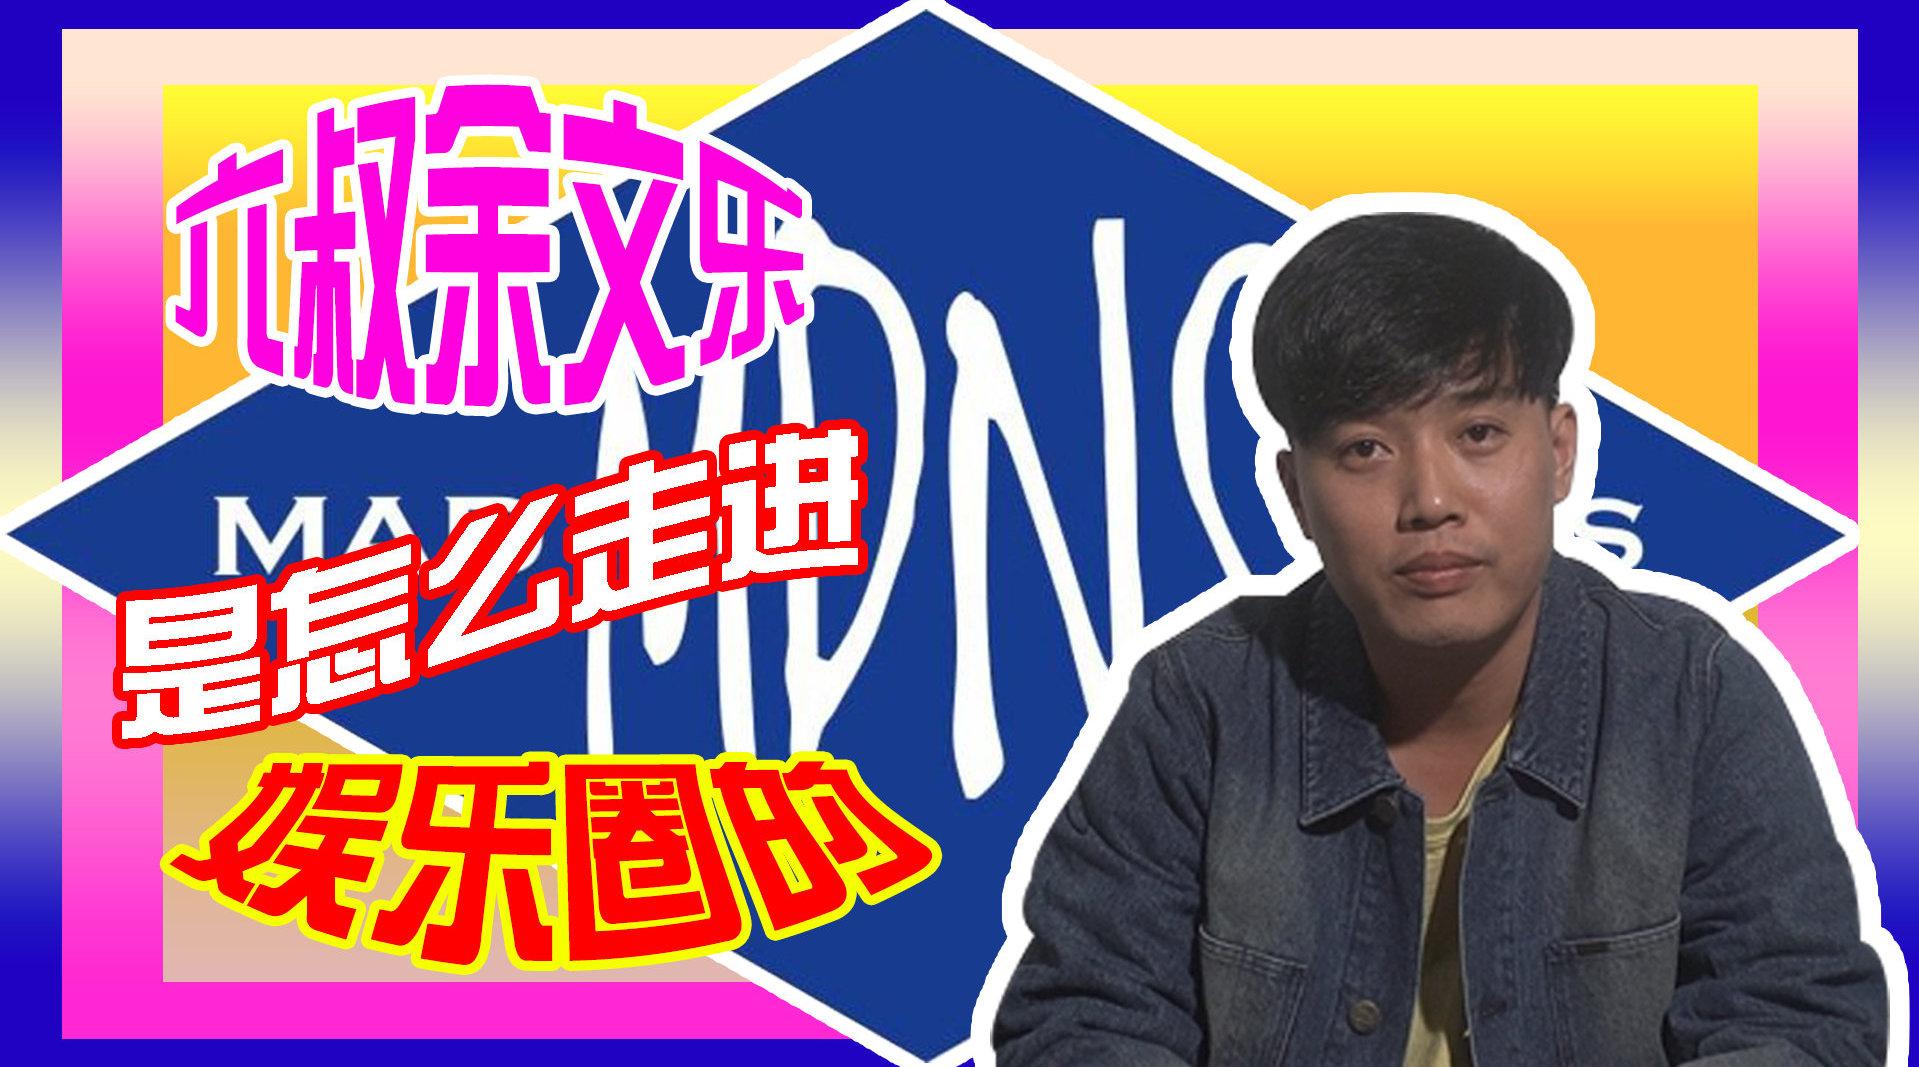 六叔余文乐是怎么走进娱乐圈的 @微博时尚